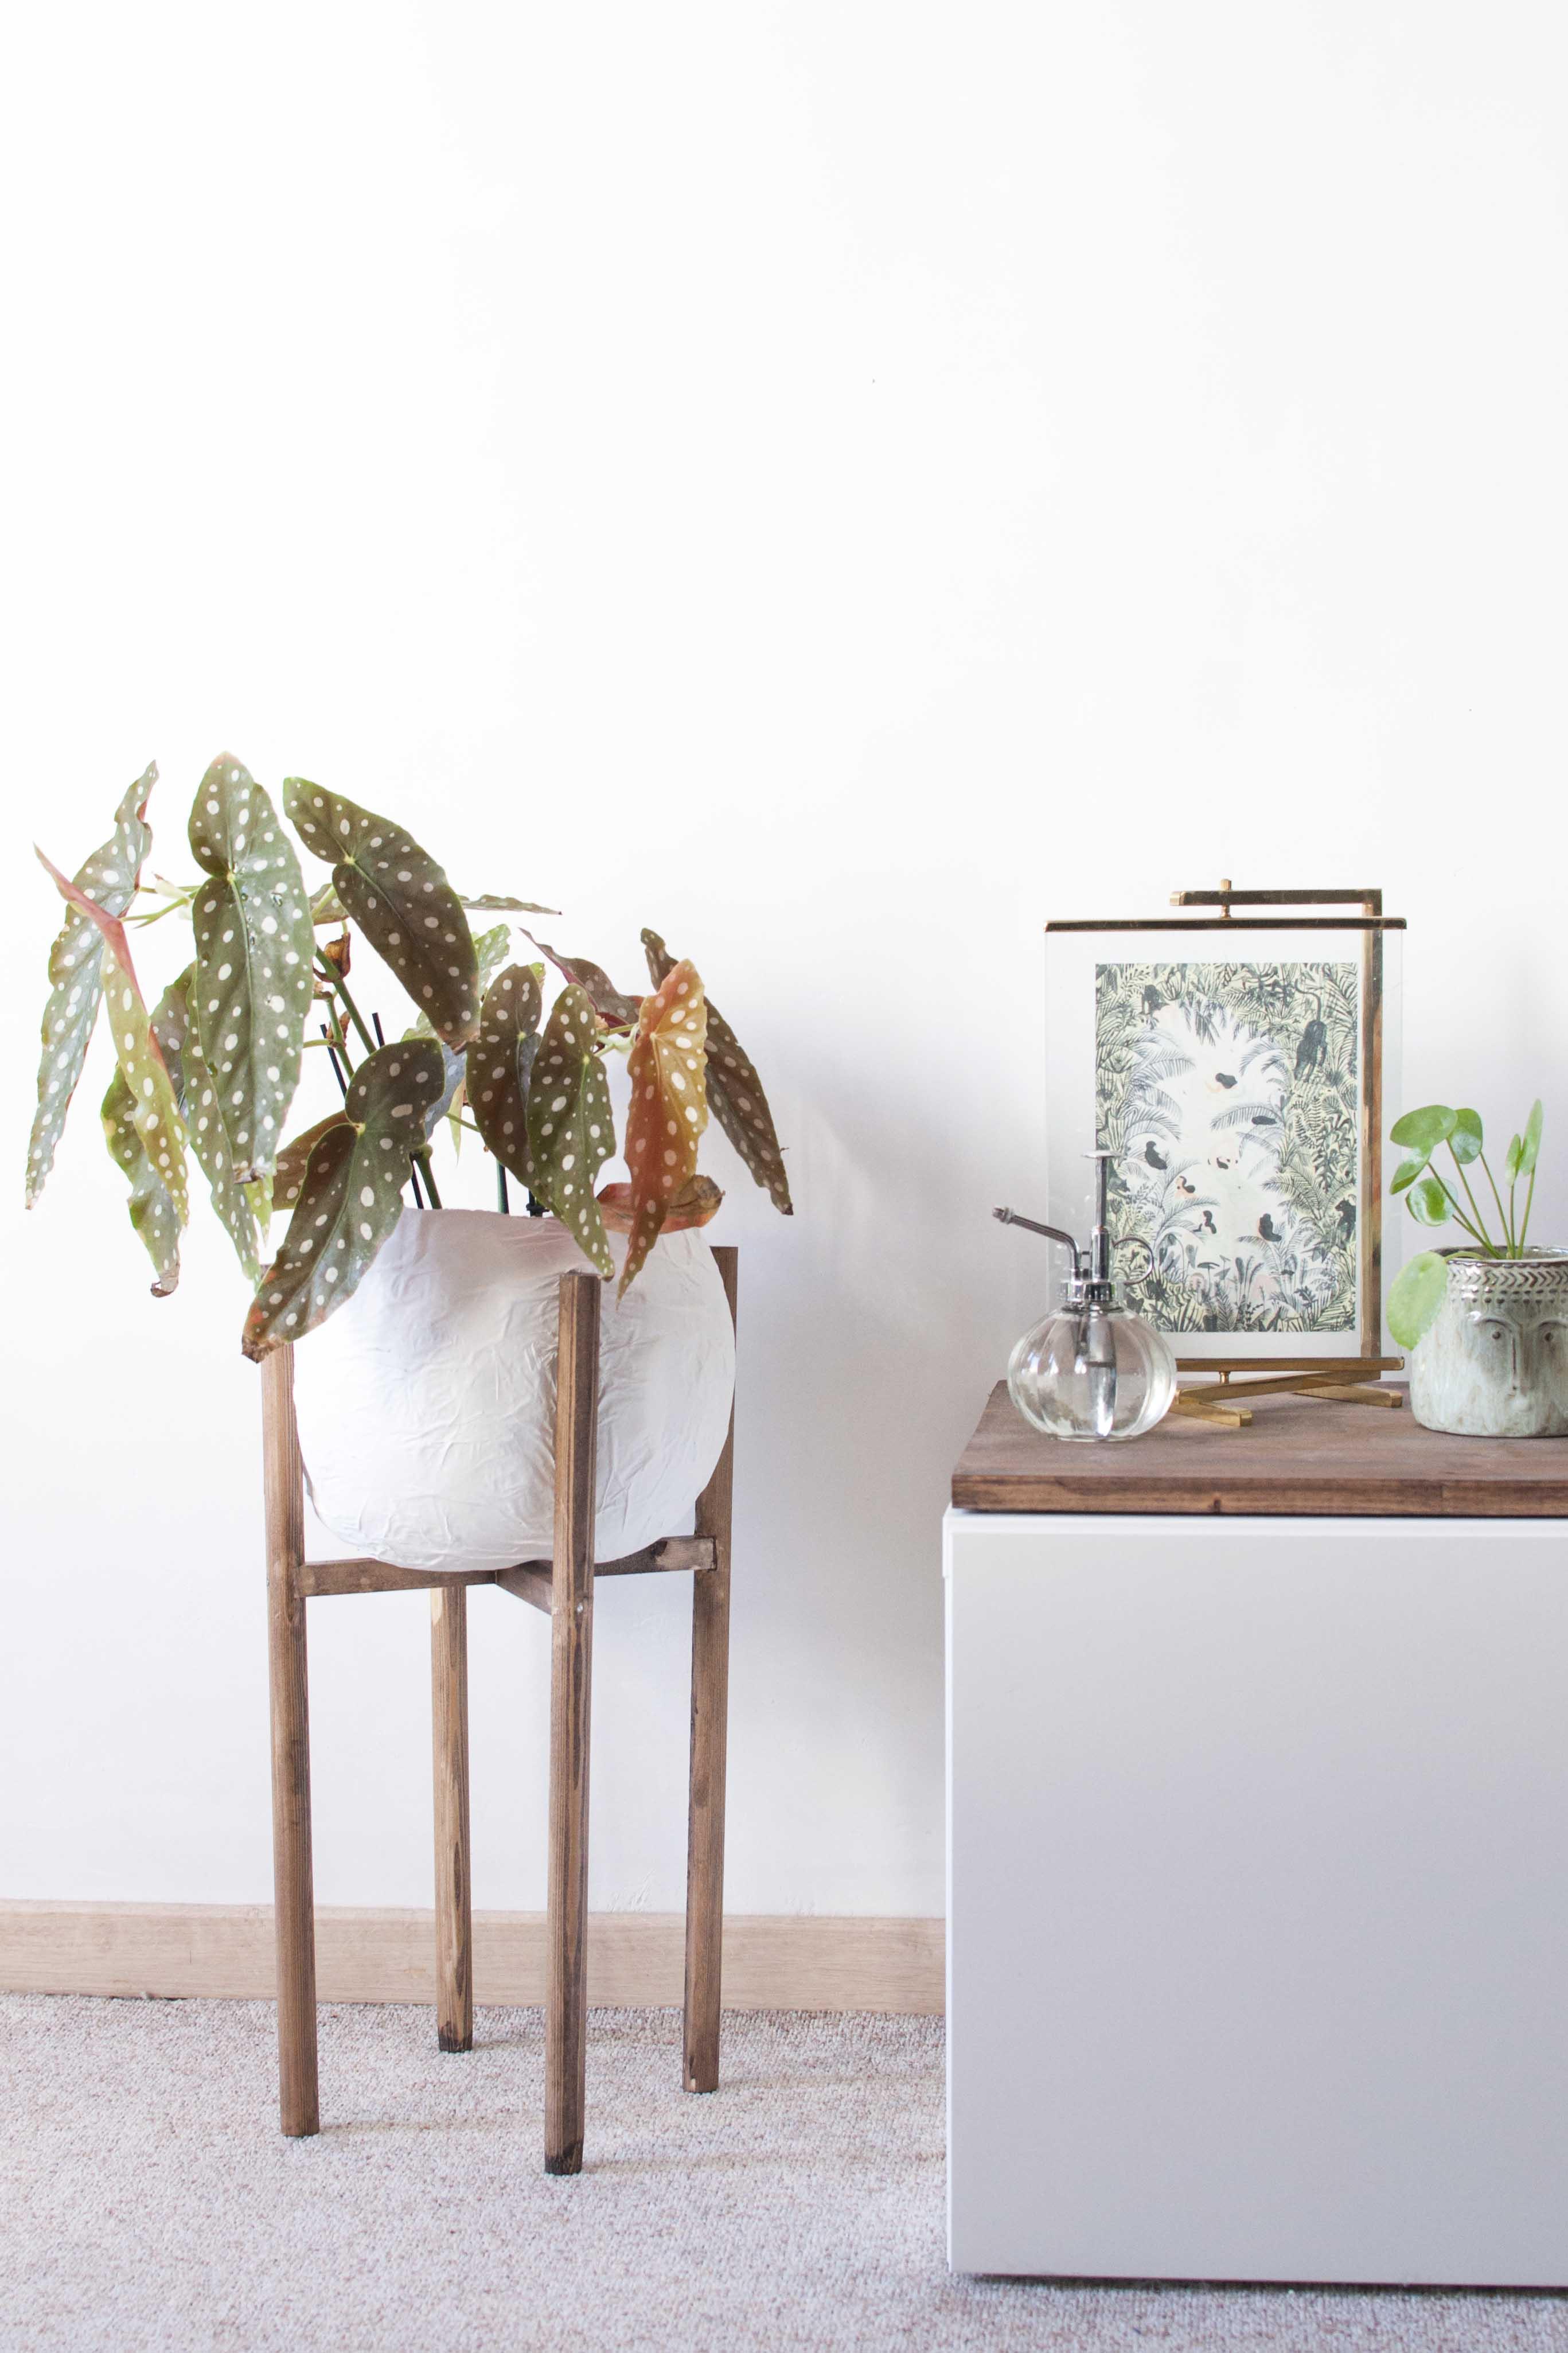 diy mid century concrete plant stand wood planter papier mache